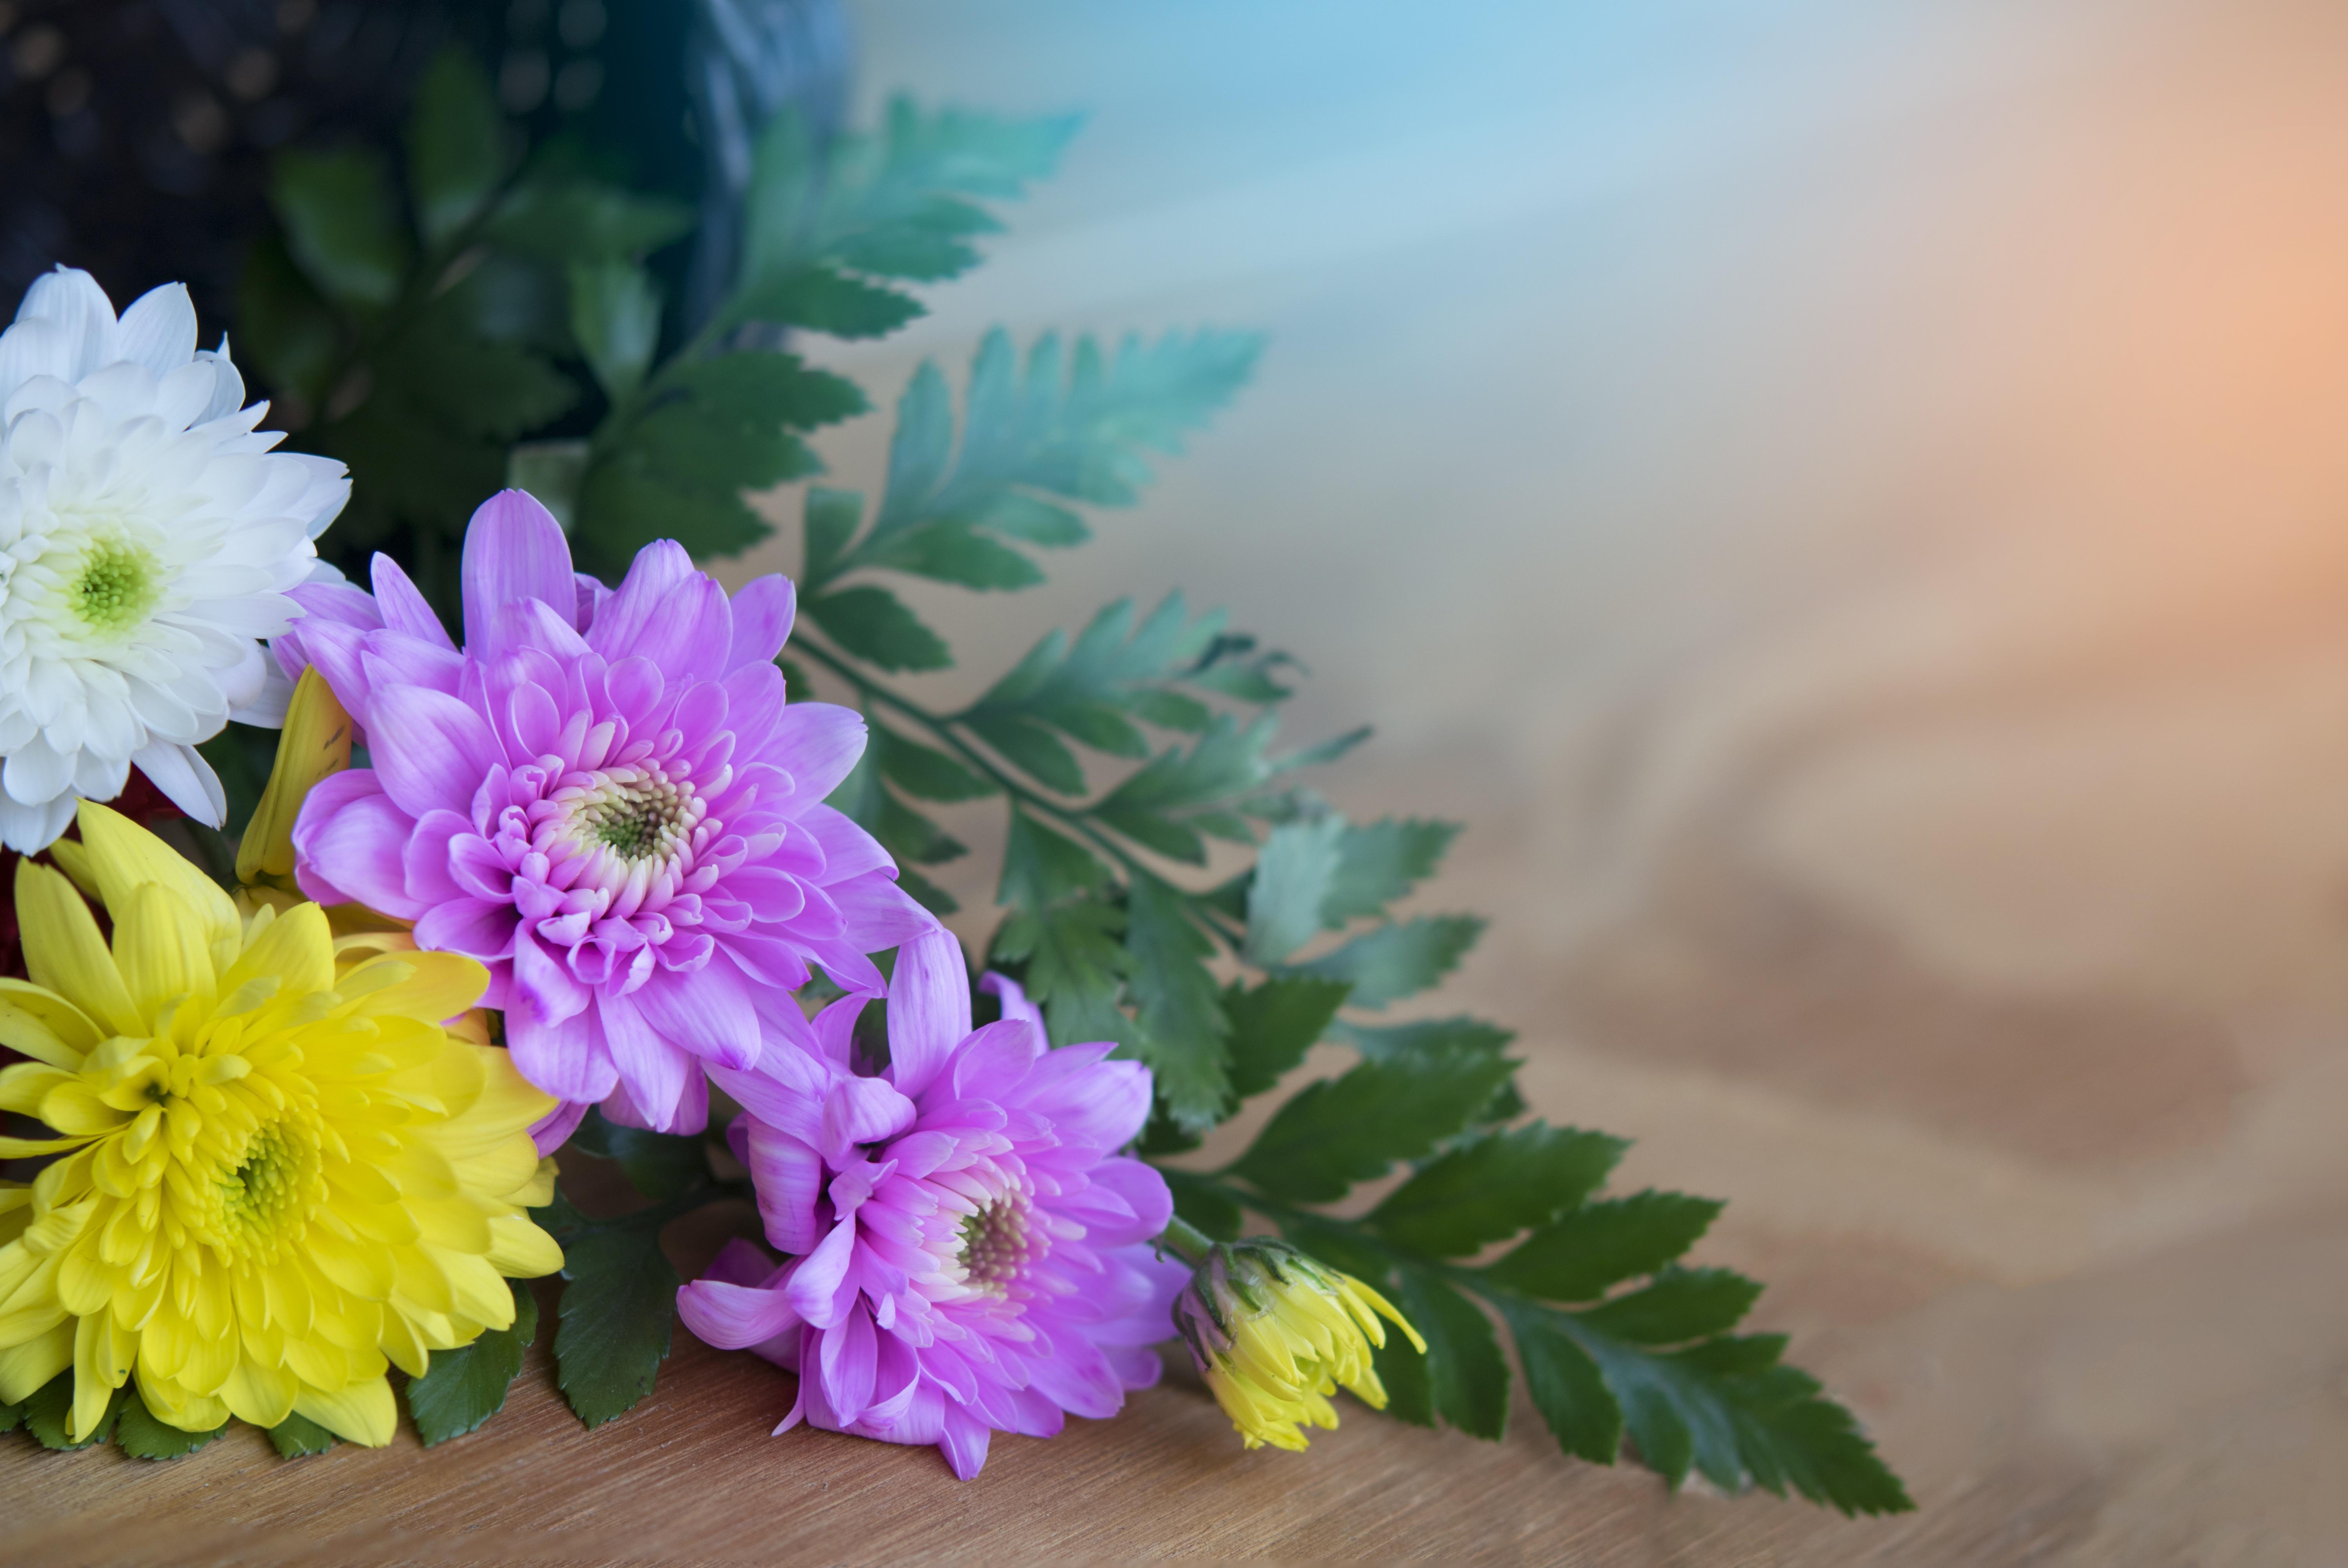 Картинка с хризантемами для открытки